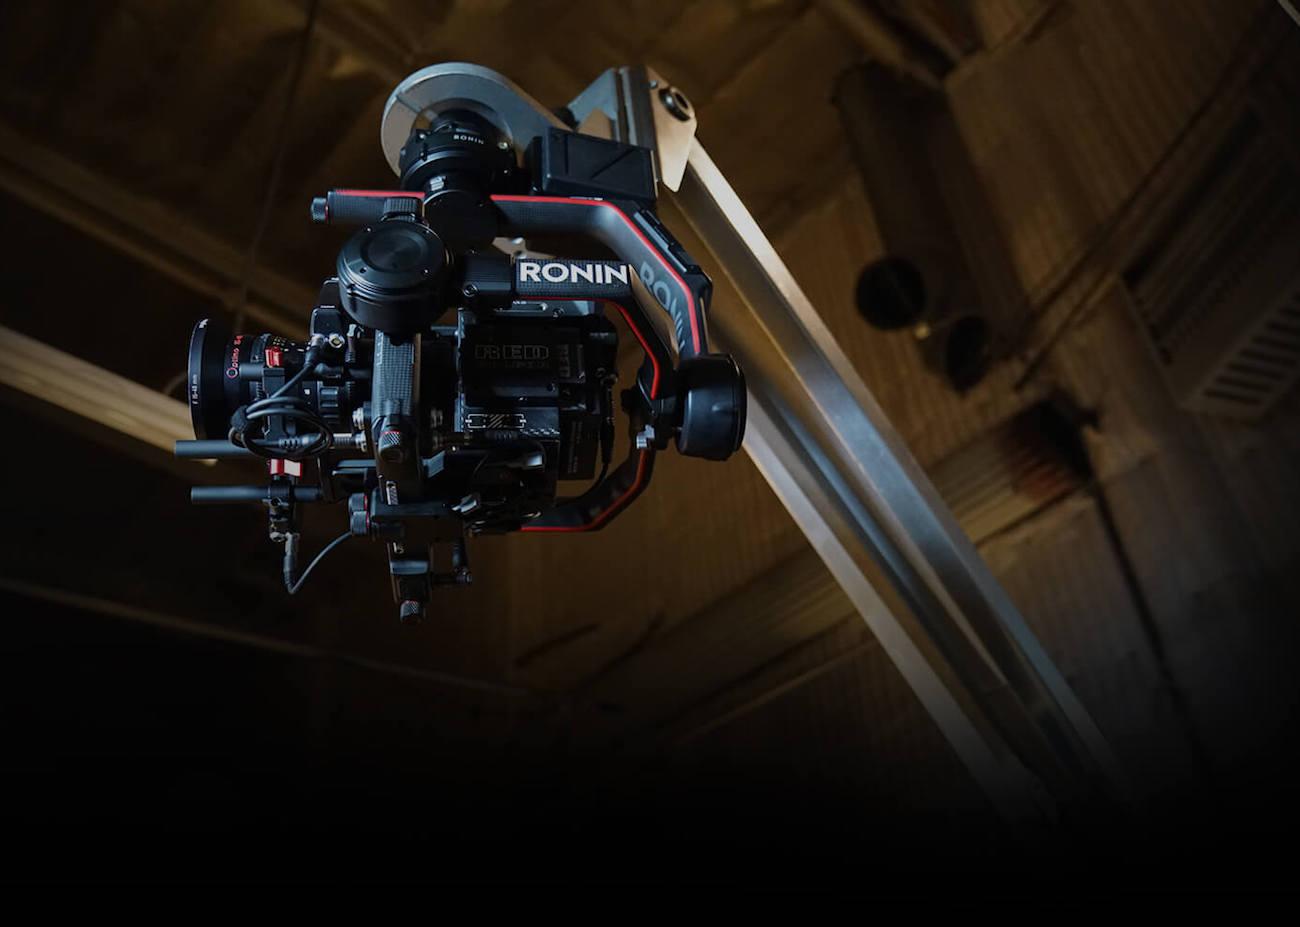 DJI Ronin 2 Camera Mount